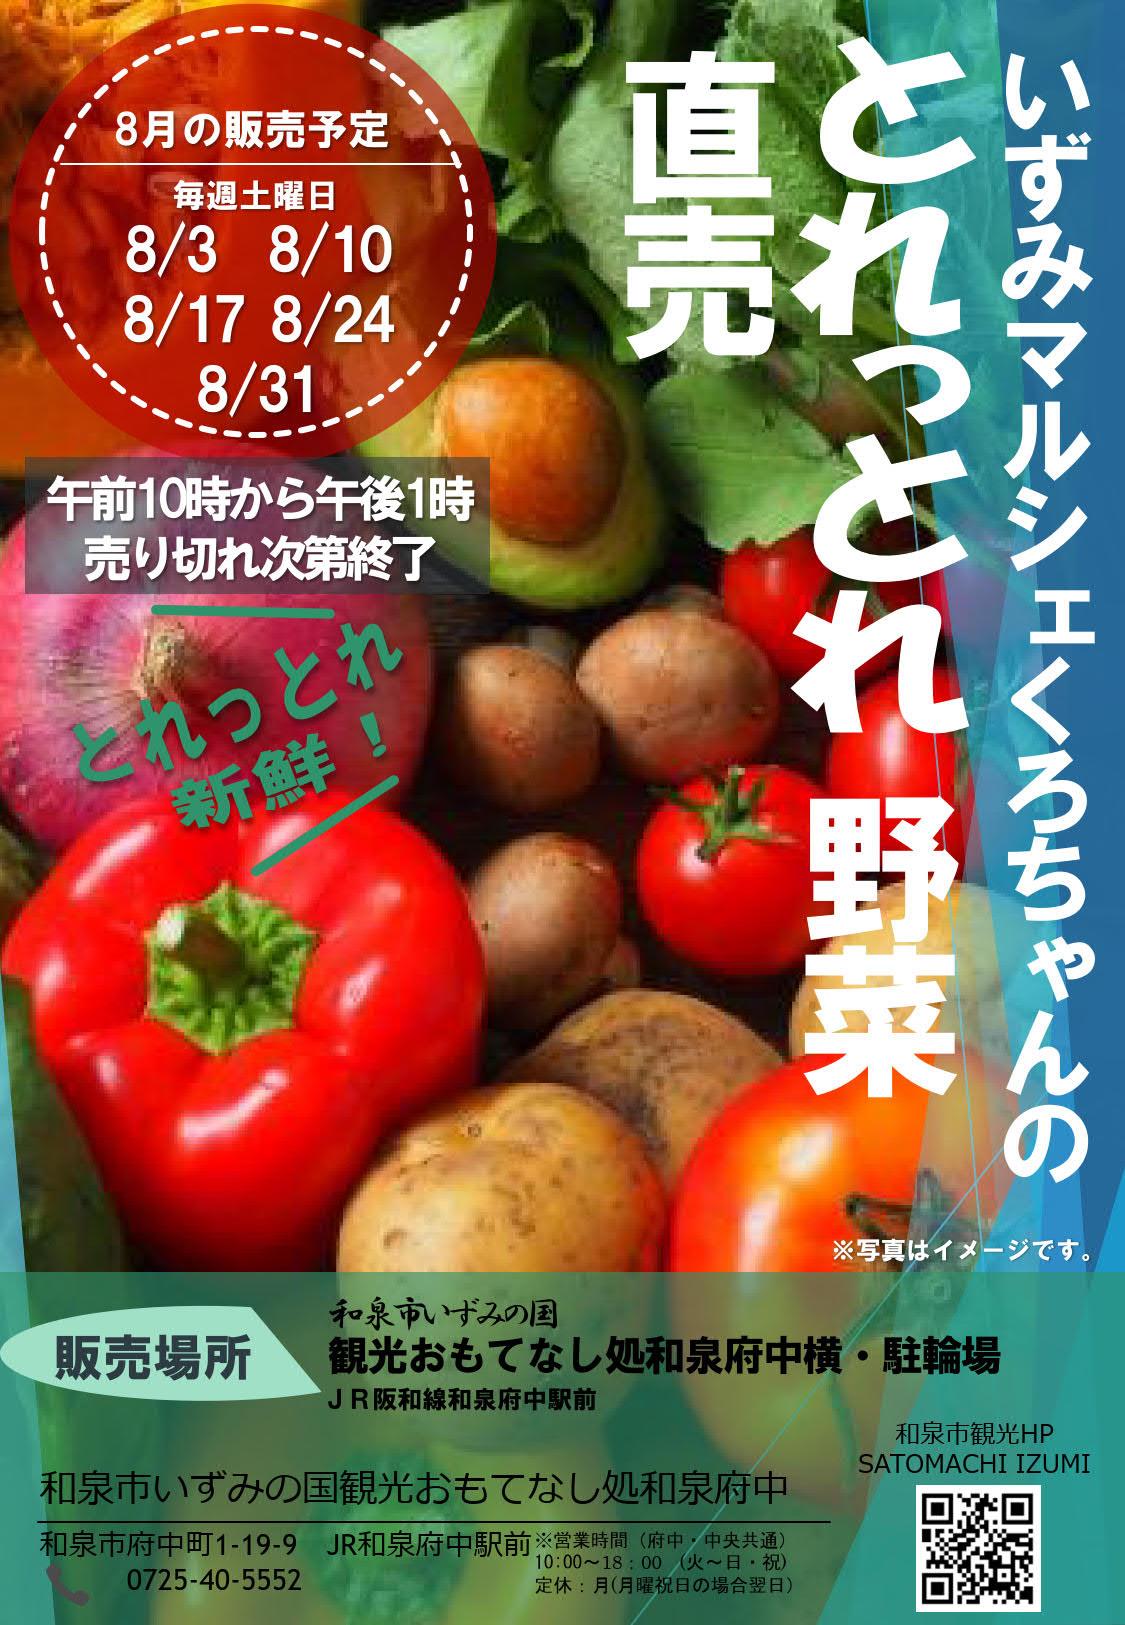 【終了】2019年8月も開催!いずみマルシェくろちゃんの野菜直売!! inおもてなし処和泉府中